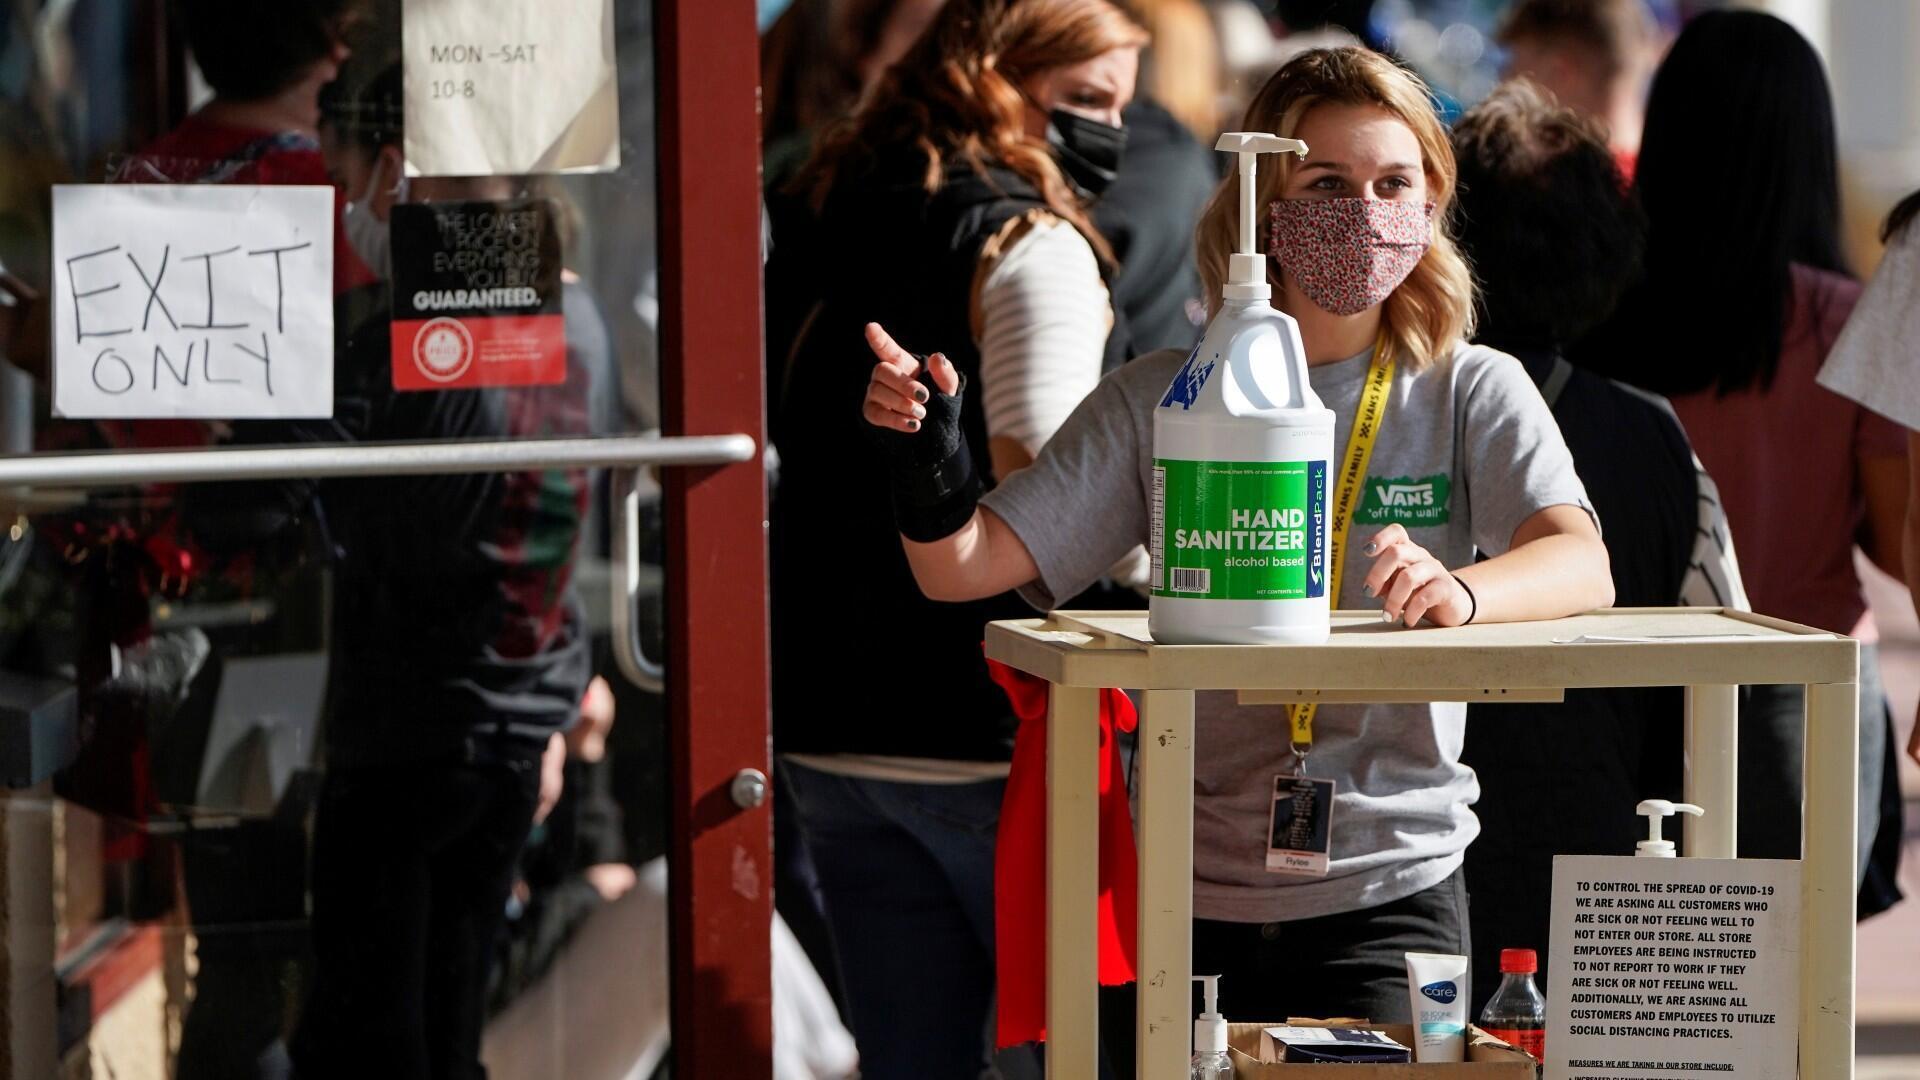 Una mujer cerca de un desinfectante de manos disponible debido a la enfermedad de coronavirus, mientras ayuda a las personas a comprar durante el 'Black Friday' en Rehoboth Beach, Delaware, EE. UU., el 27 de noviembre de 2020.